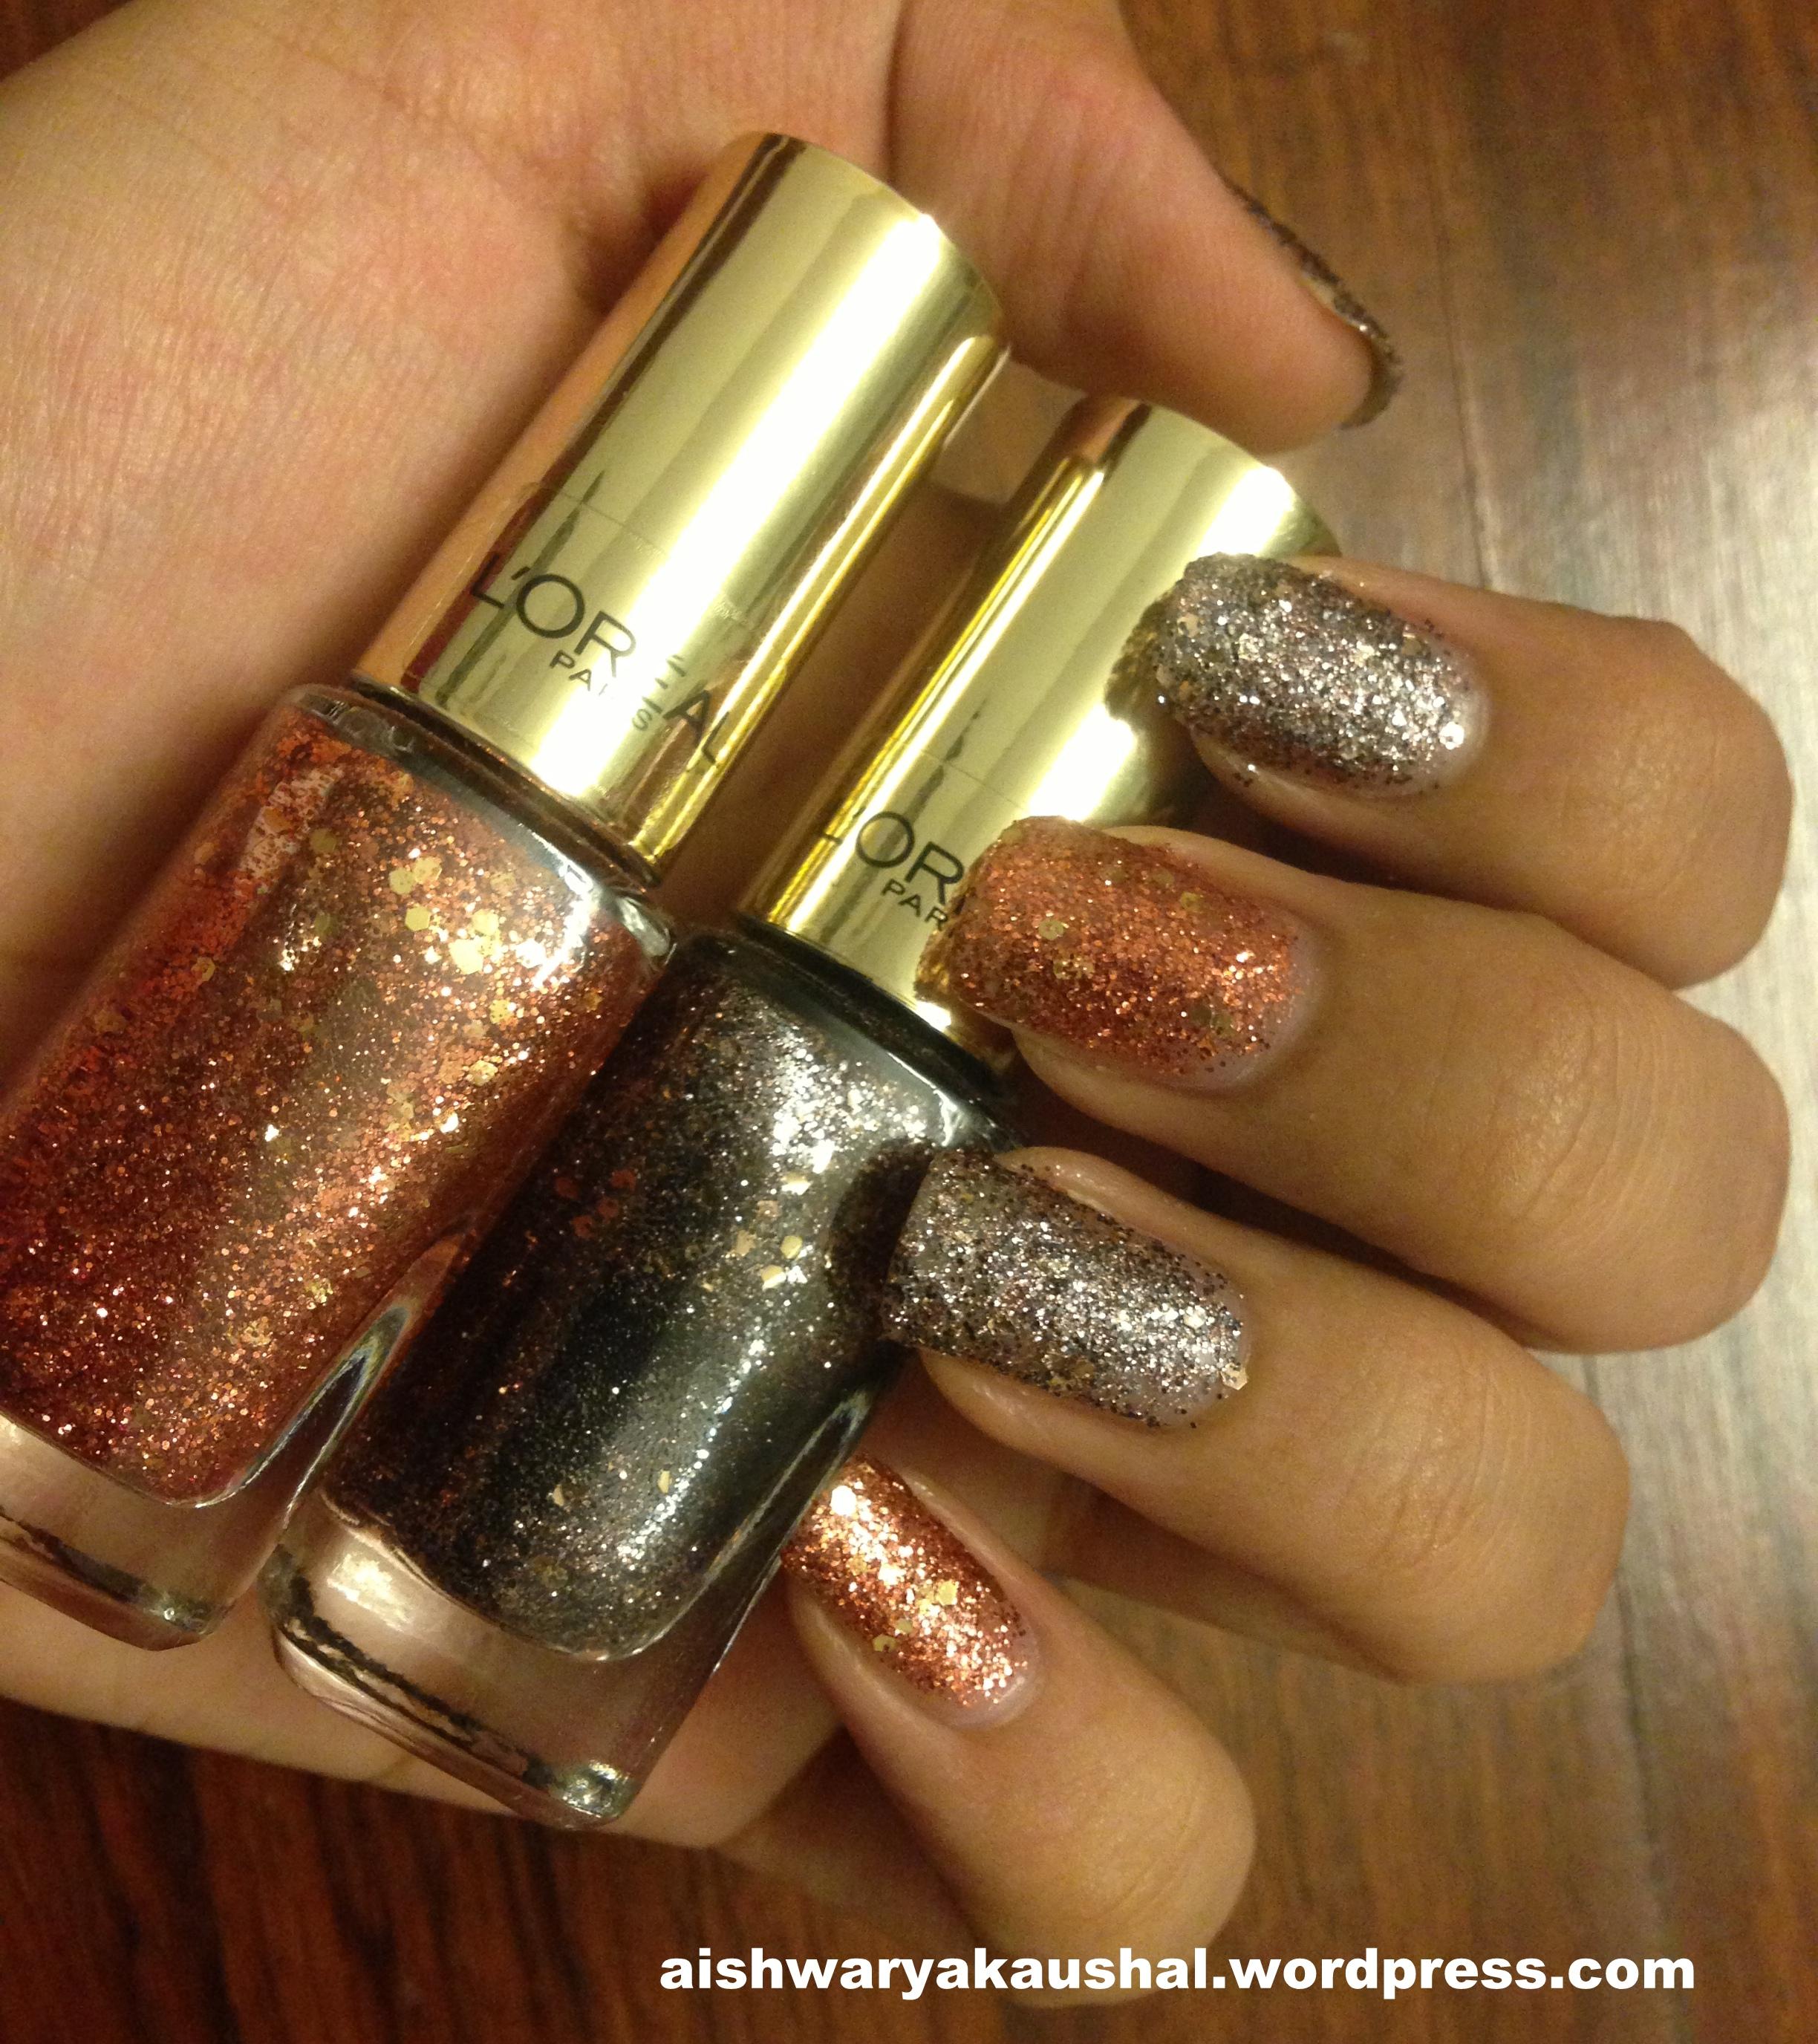 loreal nail polish – Glamour Ignited